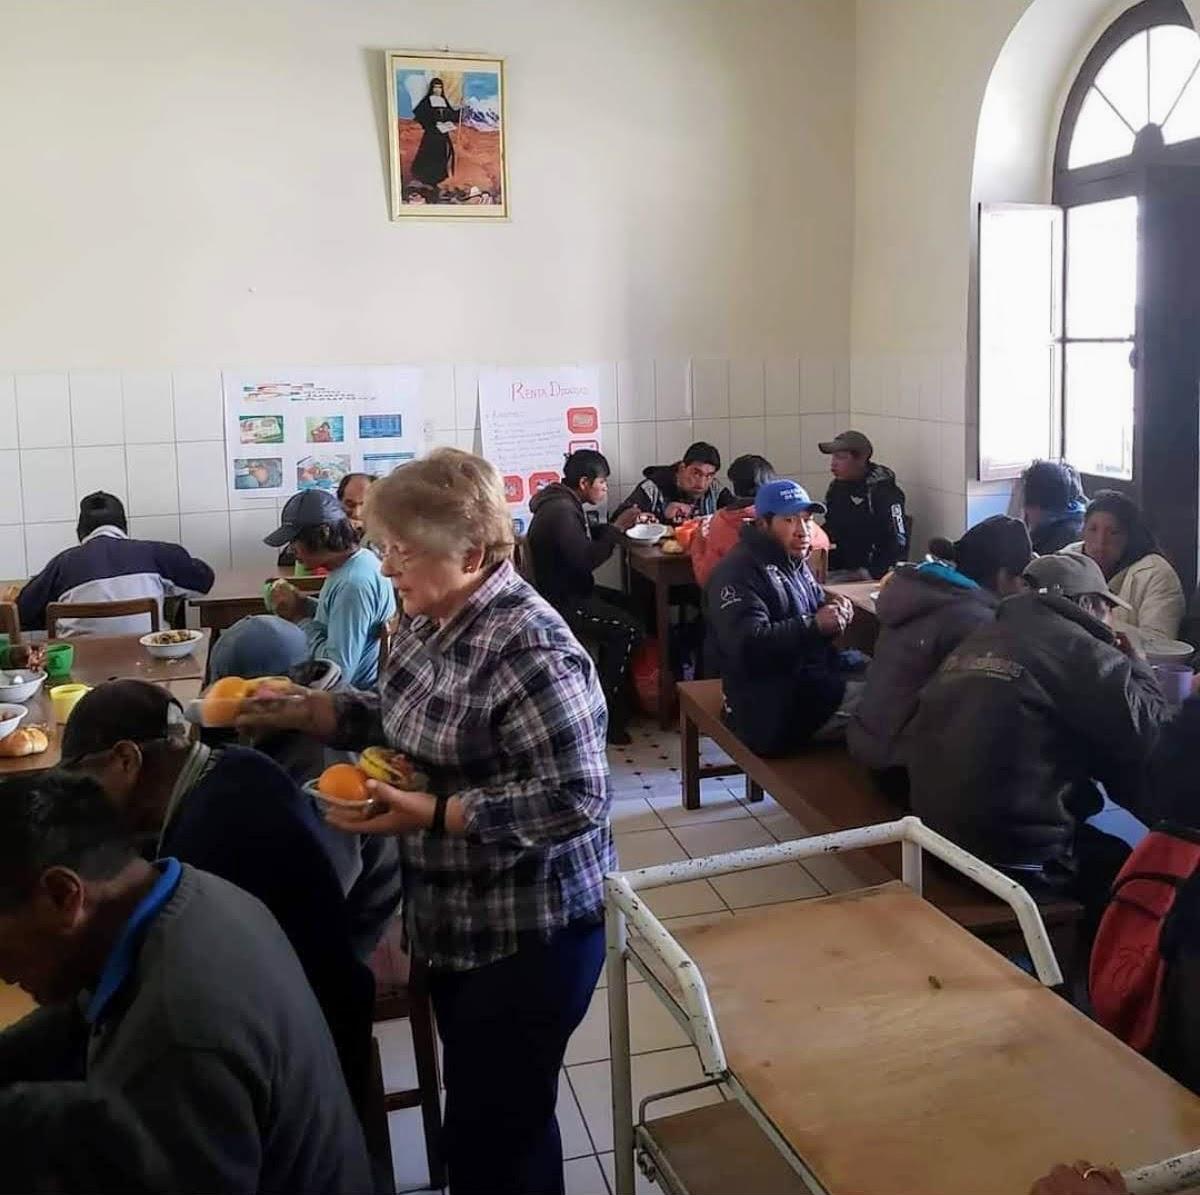 Colegialas y voluntariado - Colegialas del Colegio Mayor Mara y voluntariado internacional - CMU Mara - Colegio Mayor en Madrid